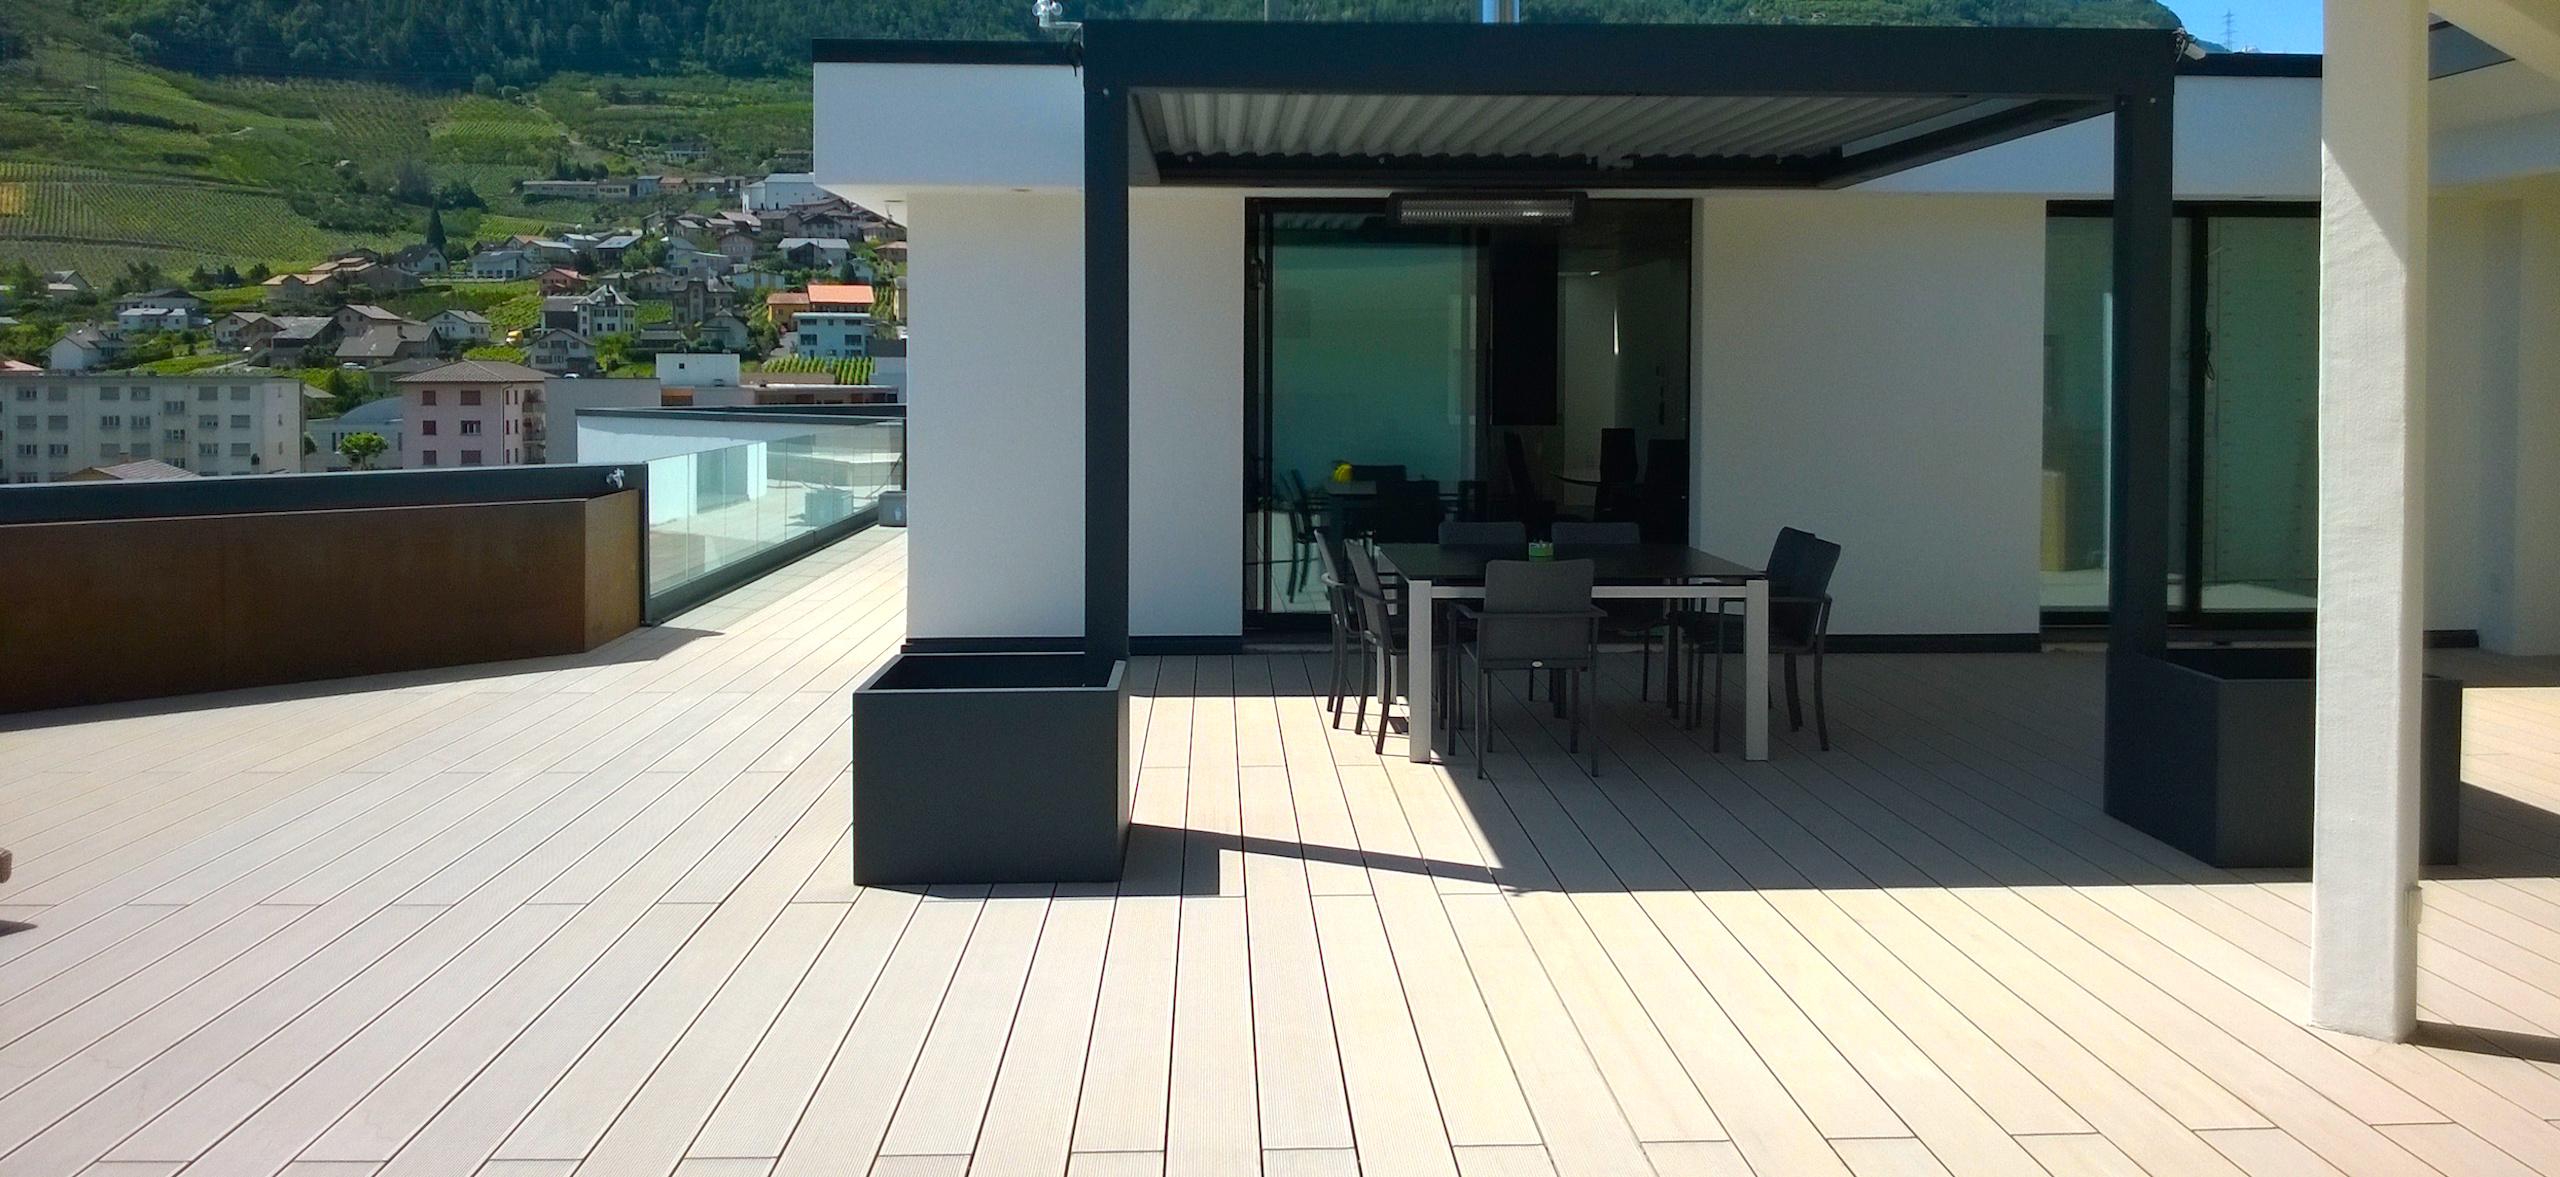 Concept terrasse yverdon spas piscines entourages bois for 3d architecture yverdon